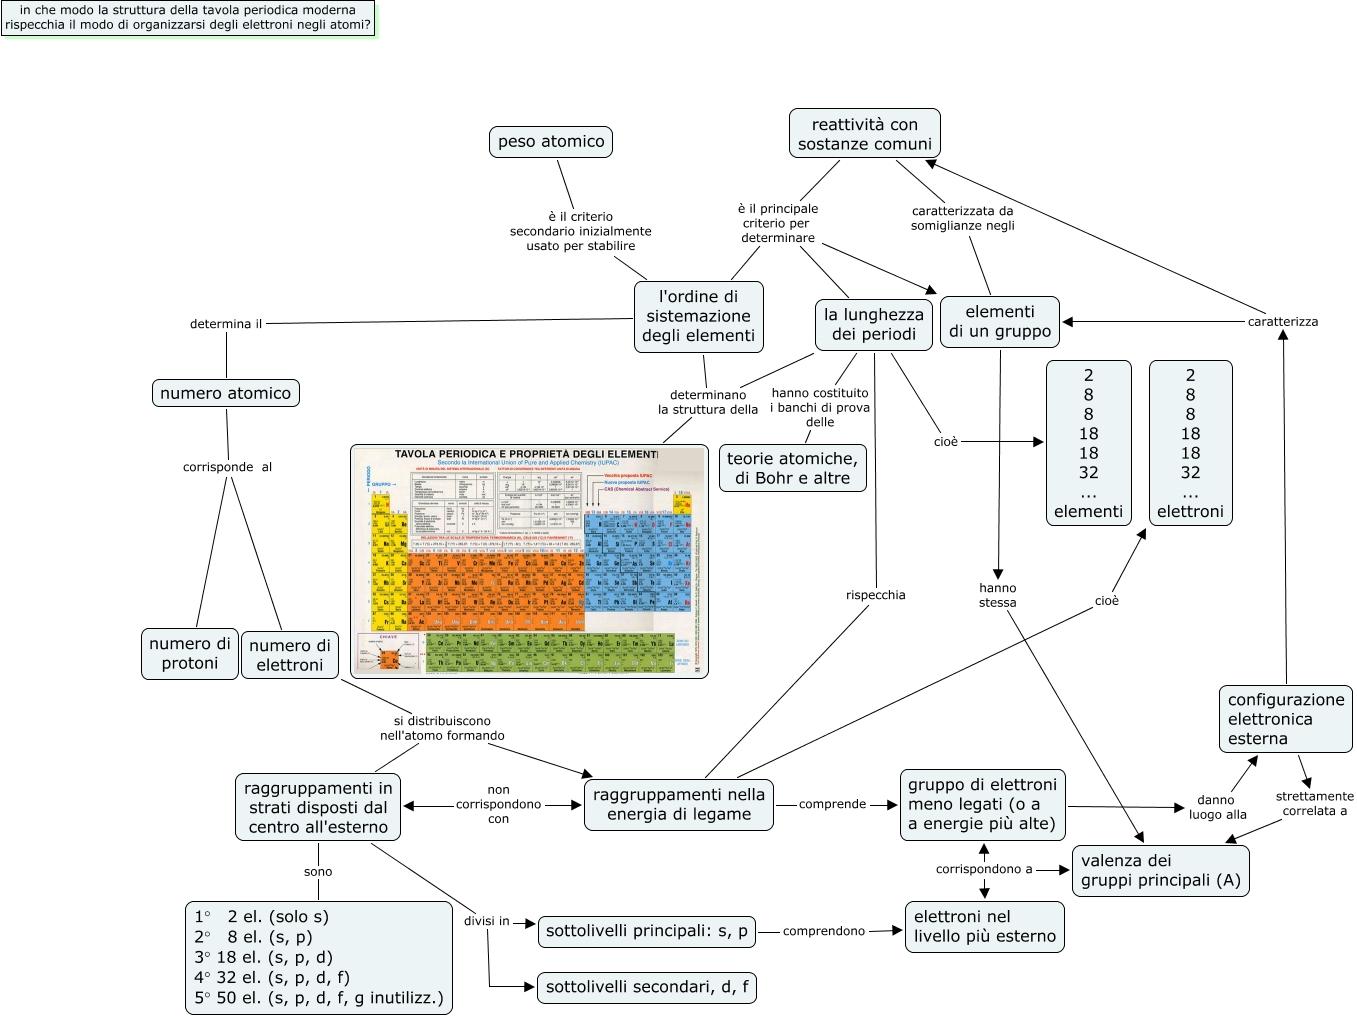 DF 4.1 alternativa - in che modo la struttura della tavola ...